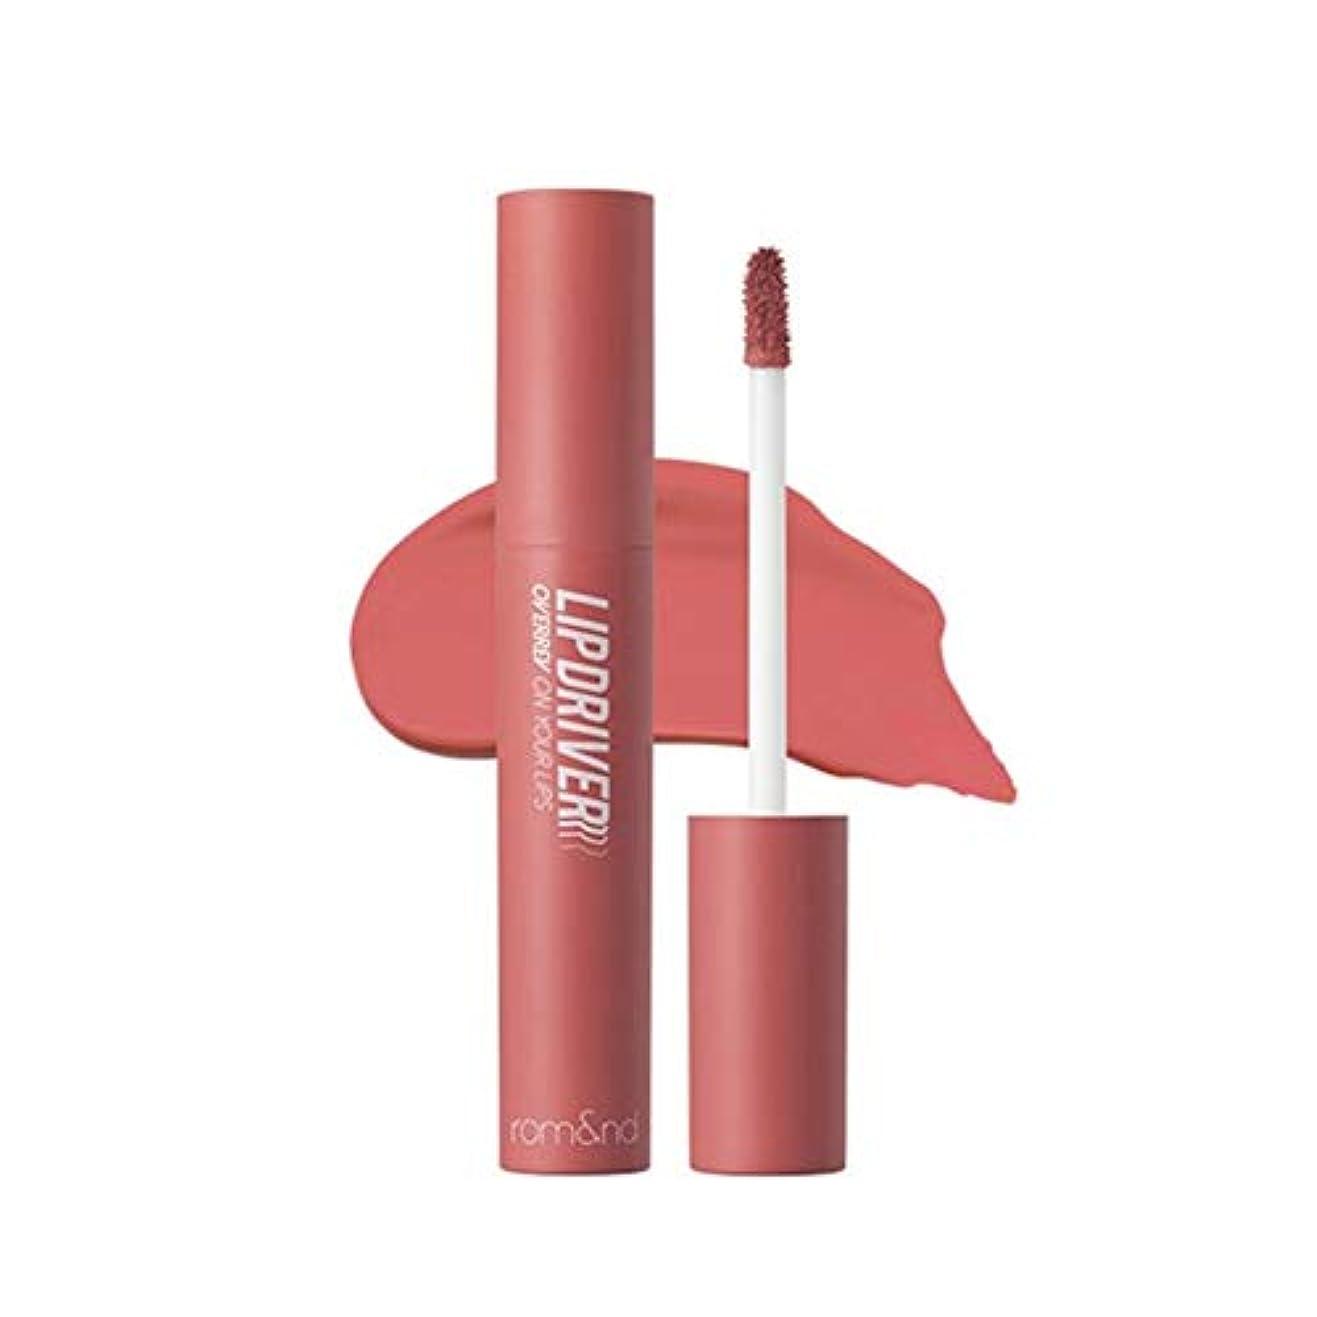 ローム?アンド?リップドライバリップスティック5カラー韓国コスメ、Rom&nd Lipdriver Lipstick 5 Colors Korean Cosmetics [並行輸入品] (#05. overrev)